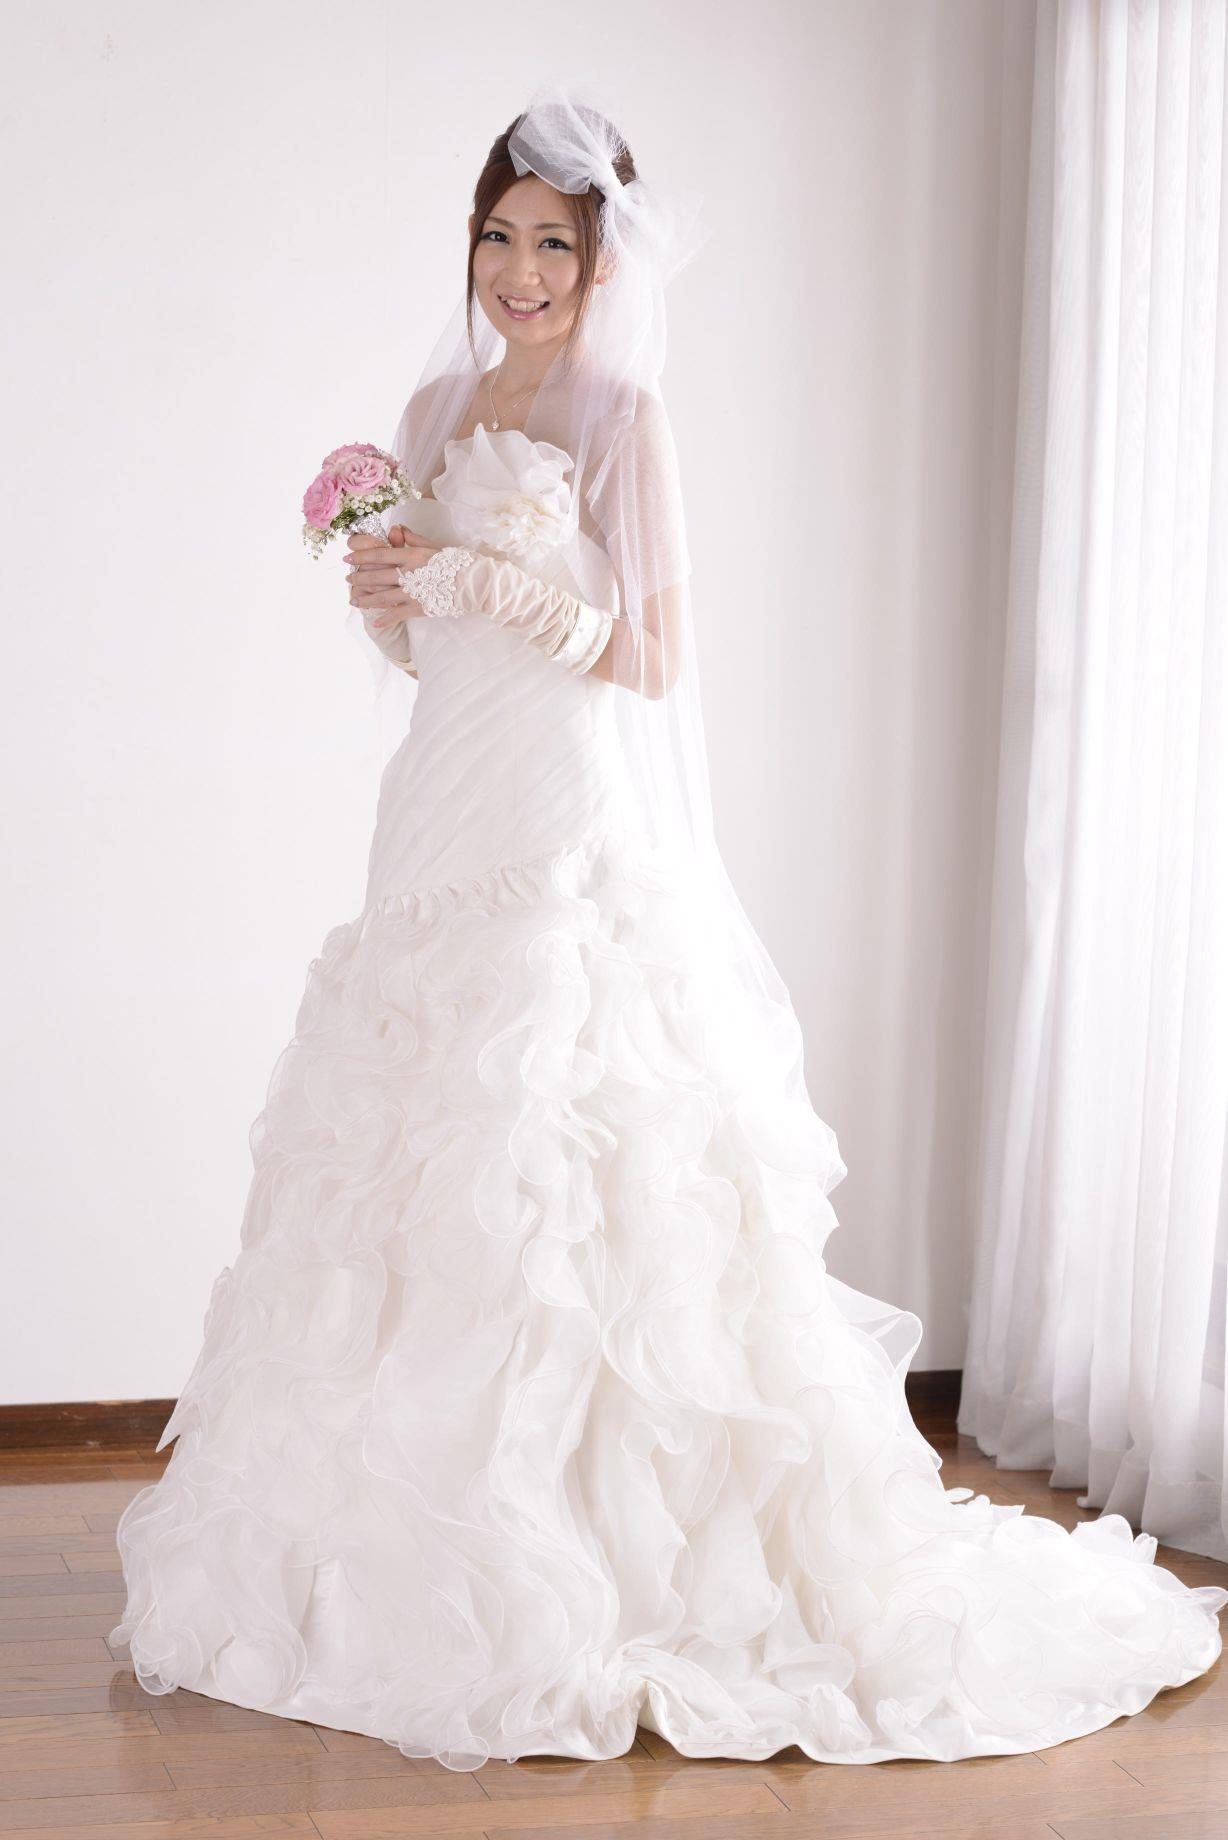 前田かおり ウェディングドレス画像 15